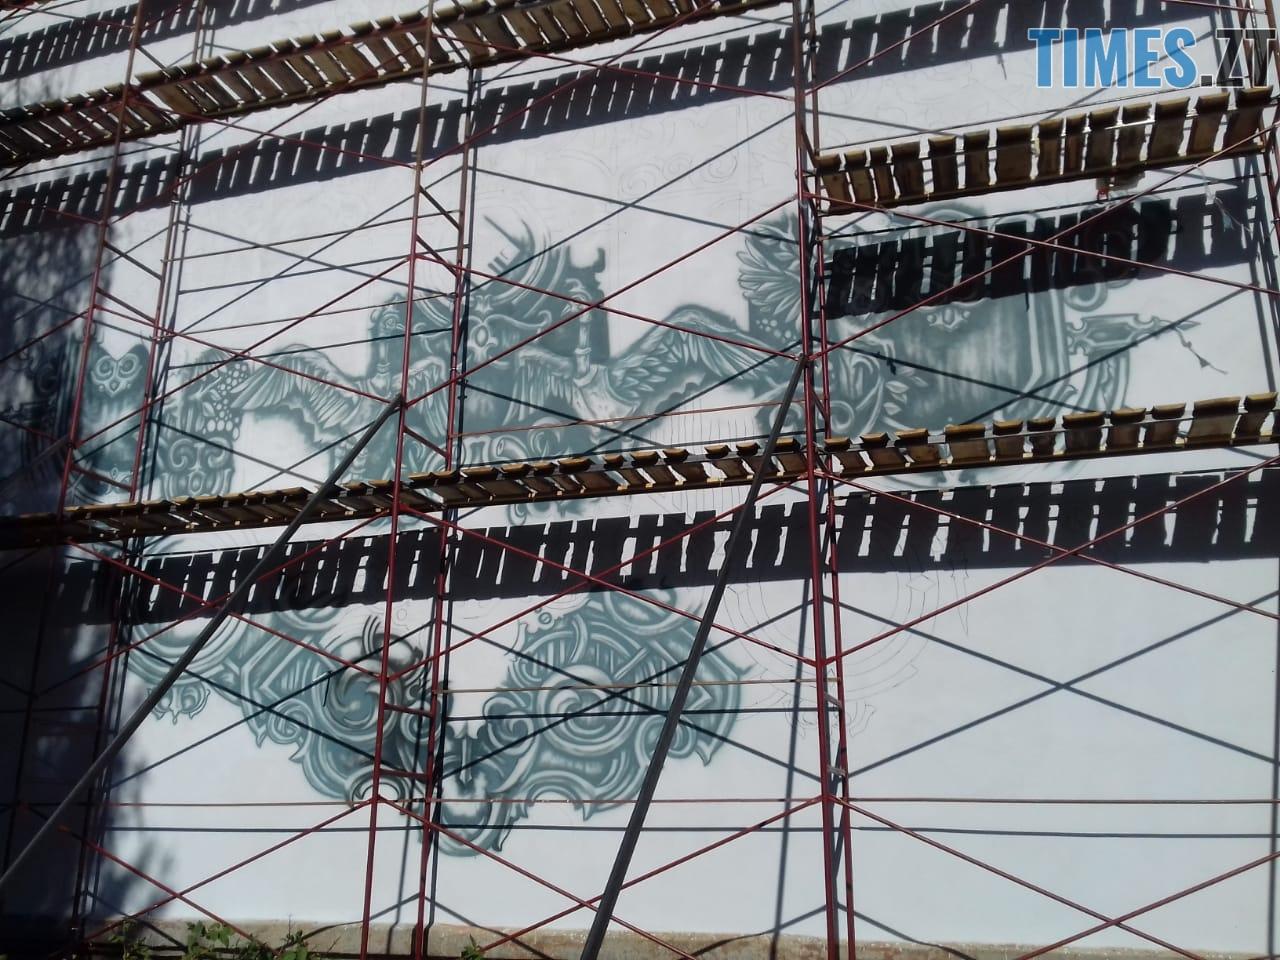 WhatsApp Image 2018 09 24 at 17.49.41 - За місяць у Житомирі з'явиться найбільший мурал міста (ФОТО, ВІДЕО)